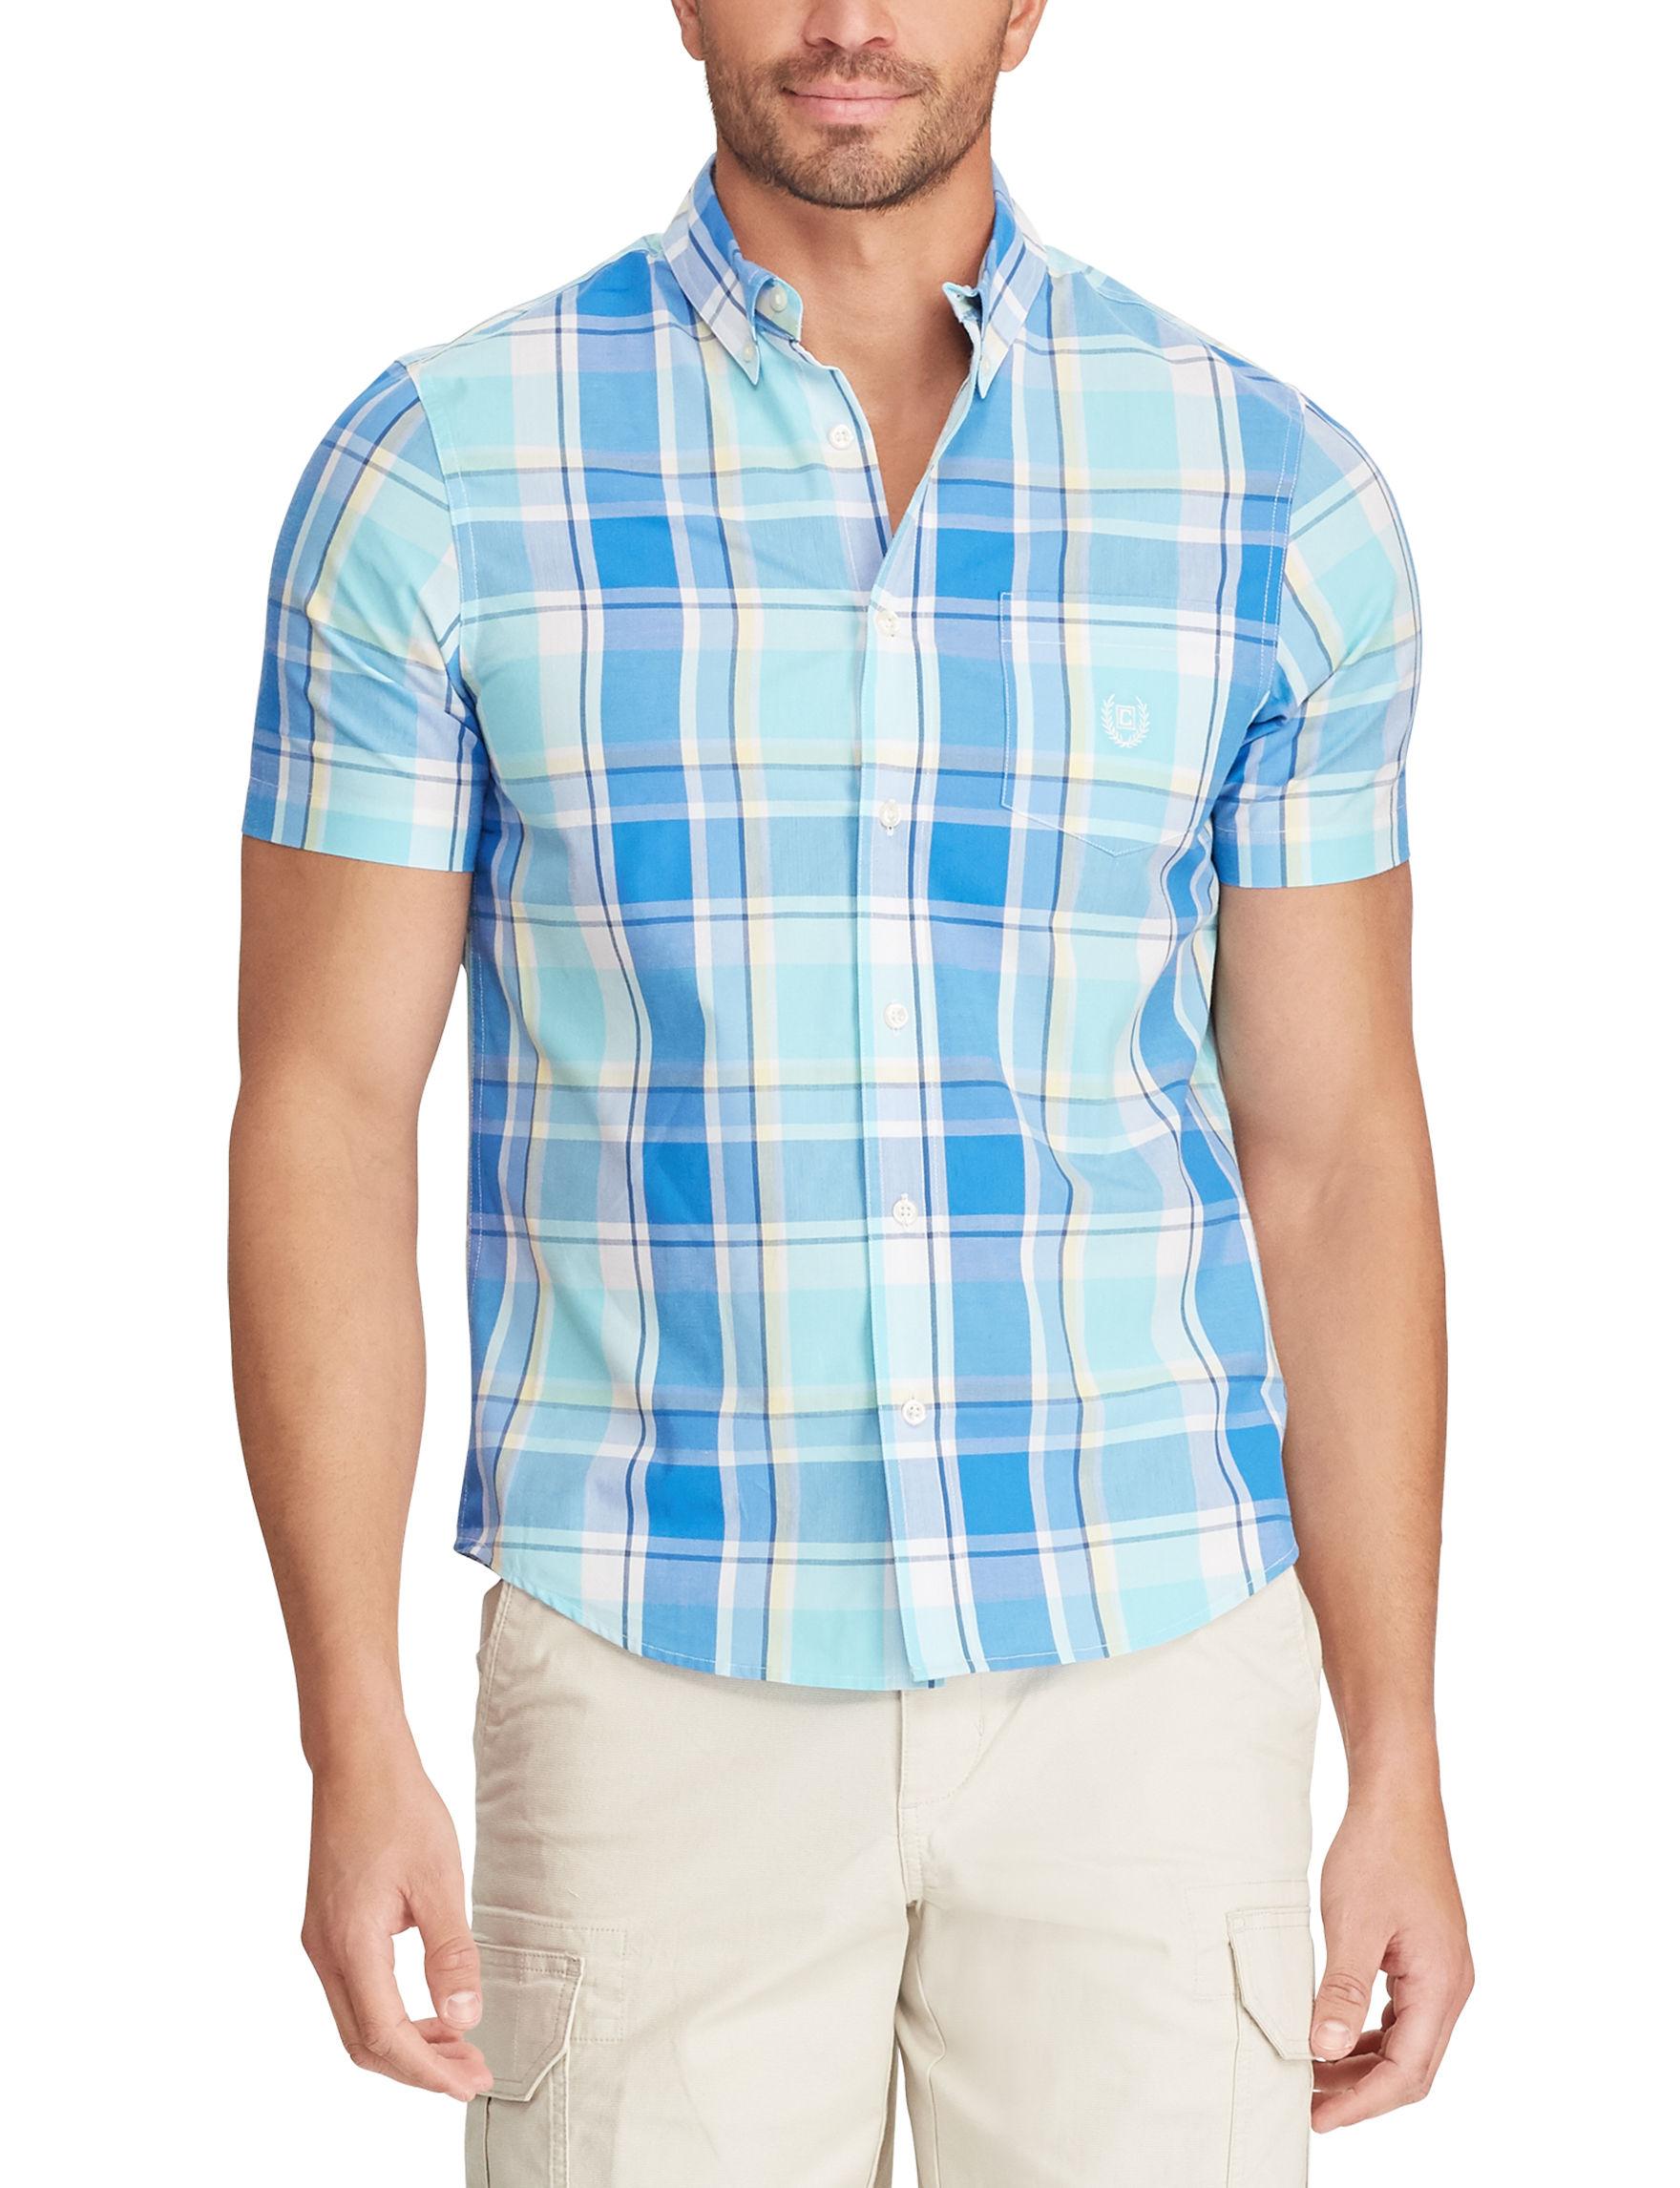 Chaps Blue / Plaid Casual Button Down Shirts